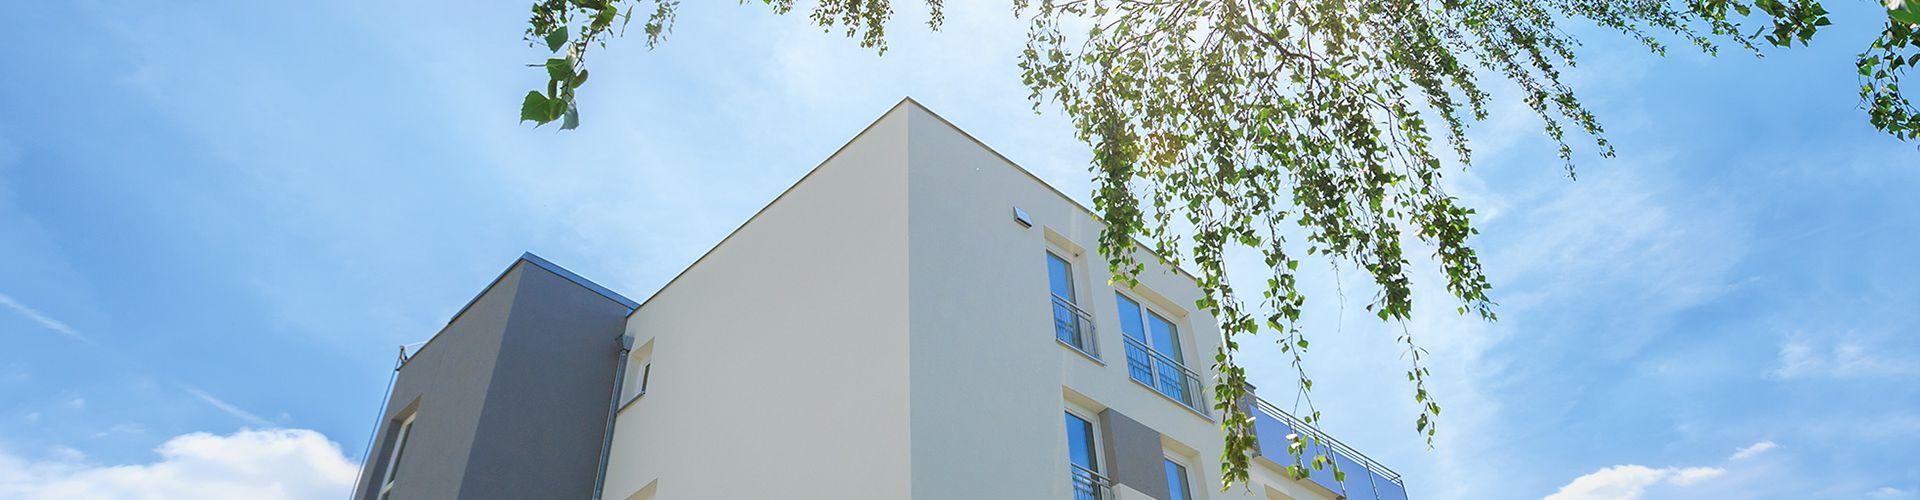 Doppelhaushälften Neuendettelsau, Reuther Straße